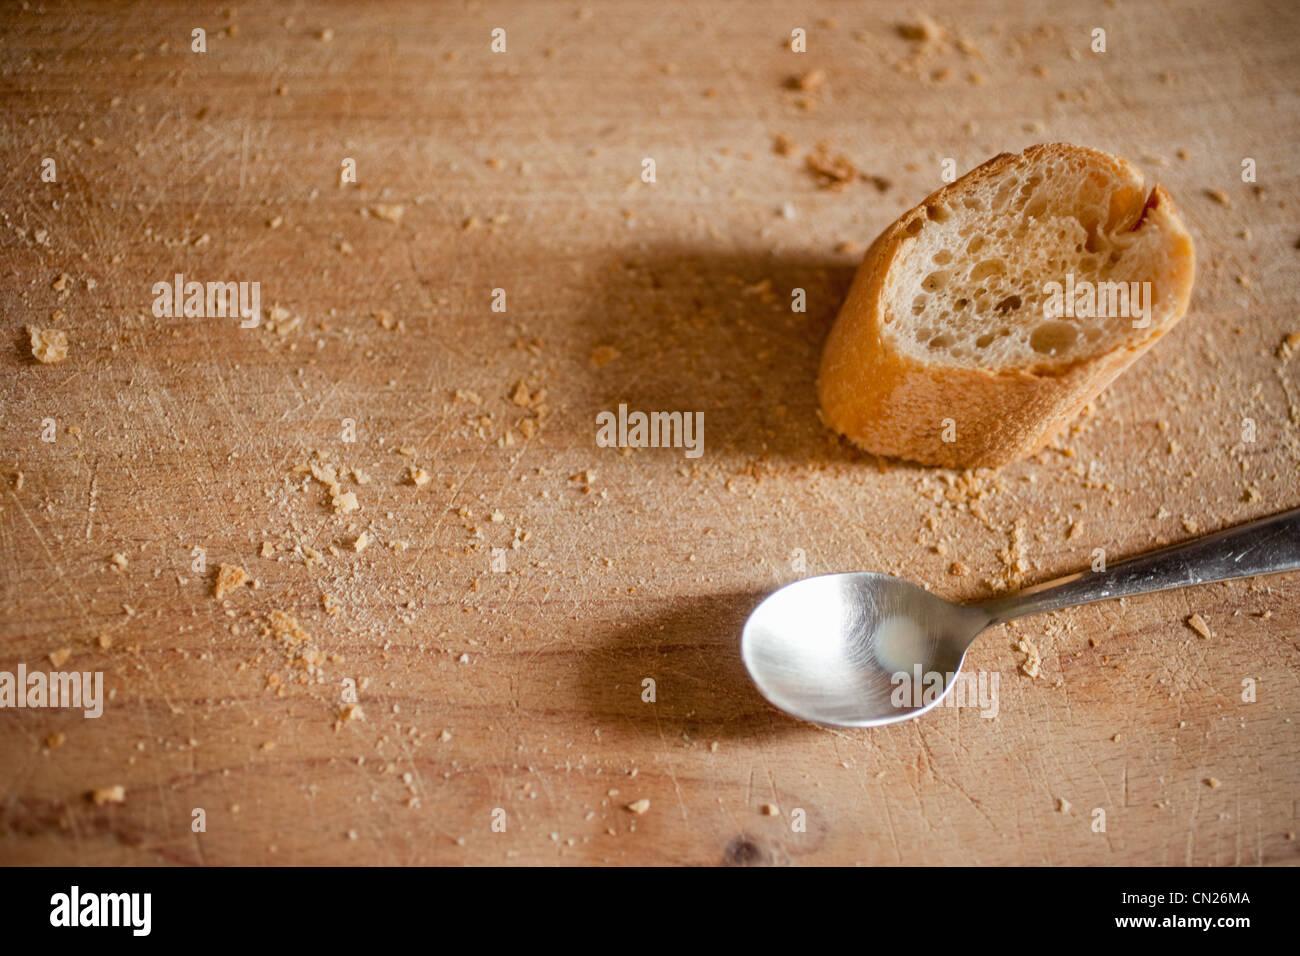 Teelöffel und Stück Brot auf Holzuntergrund Stockbild